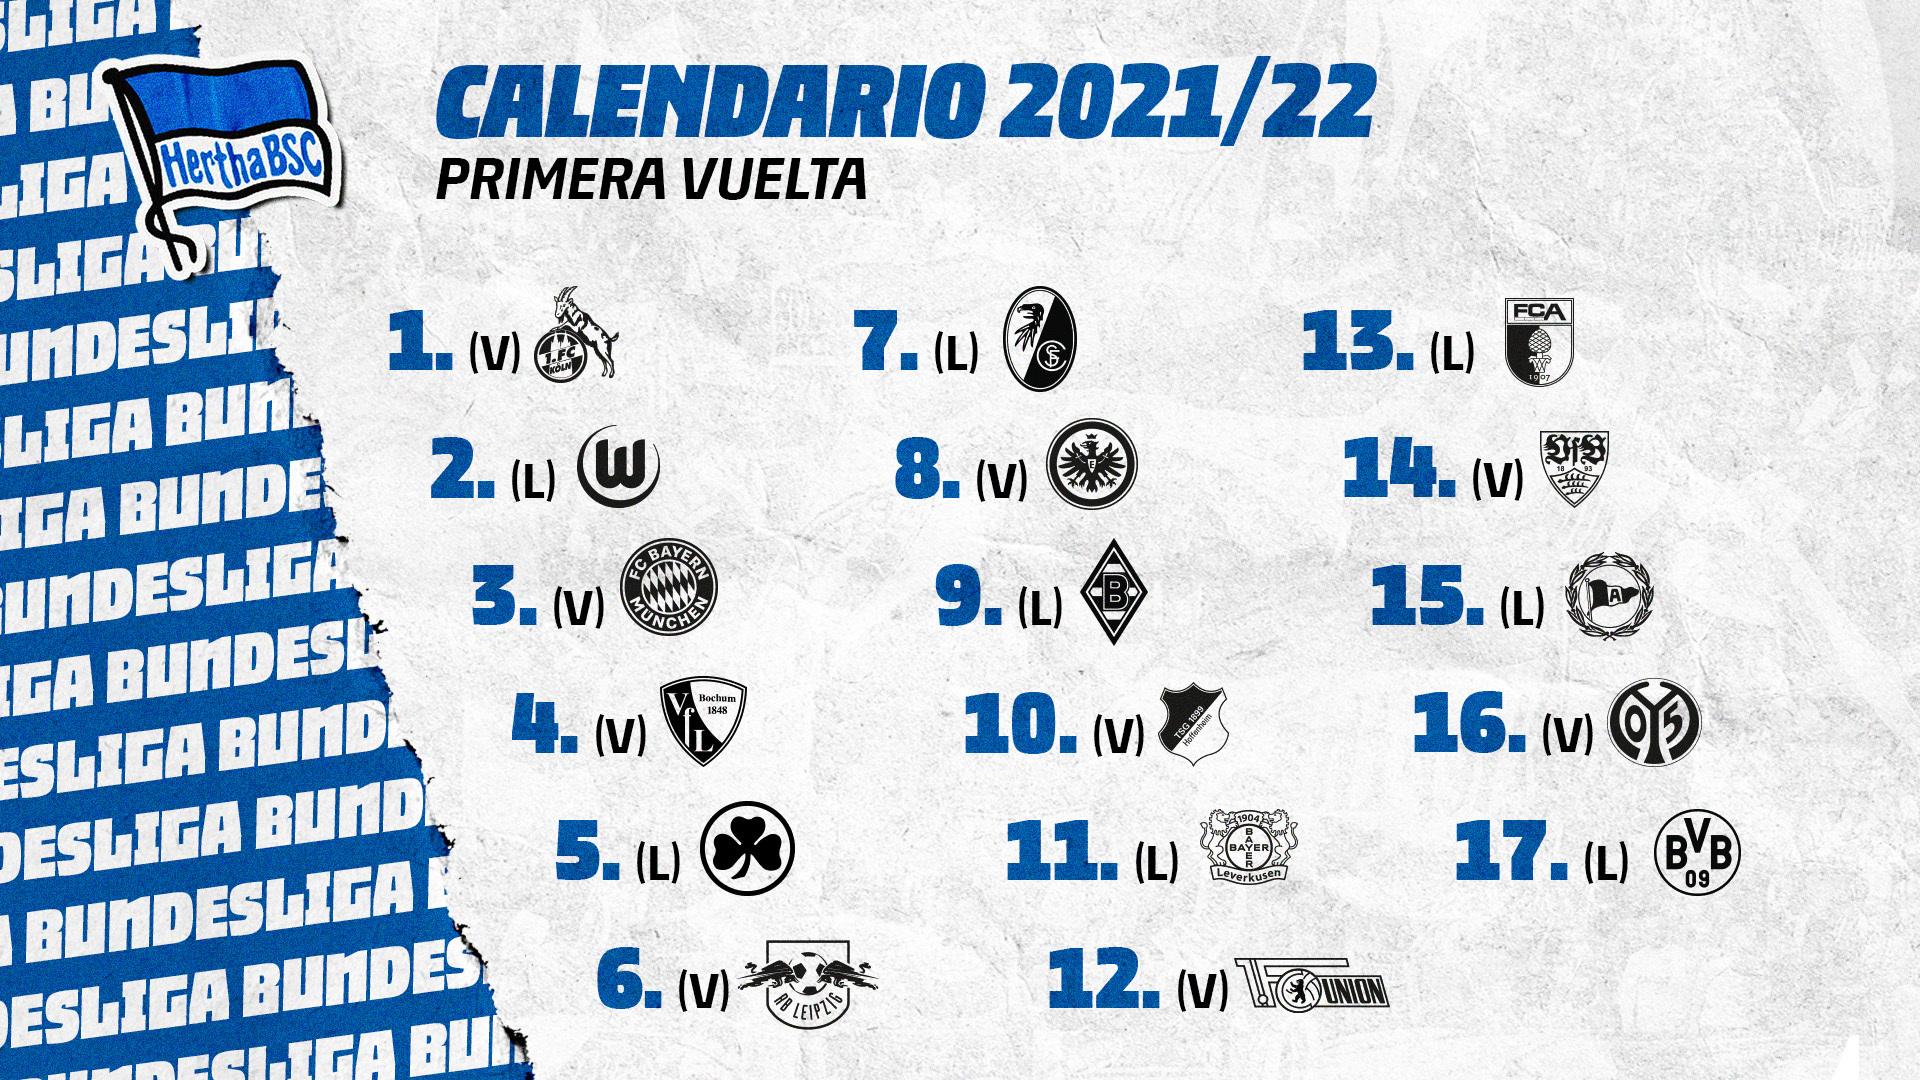 El calendario de la próxima temporada.